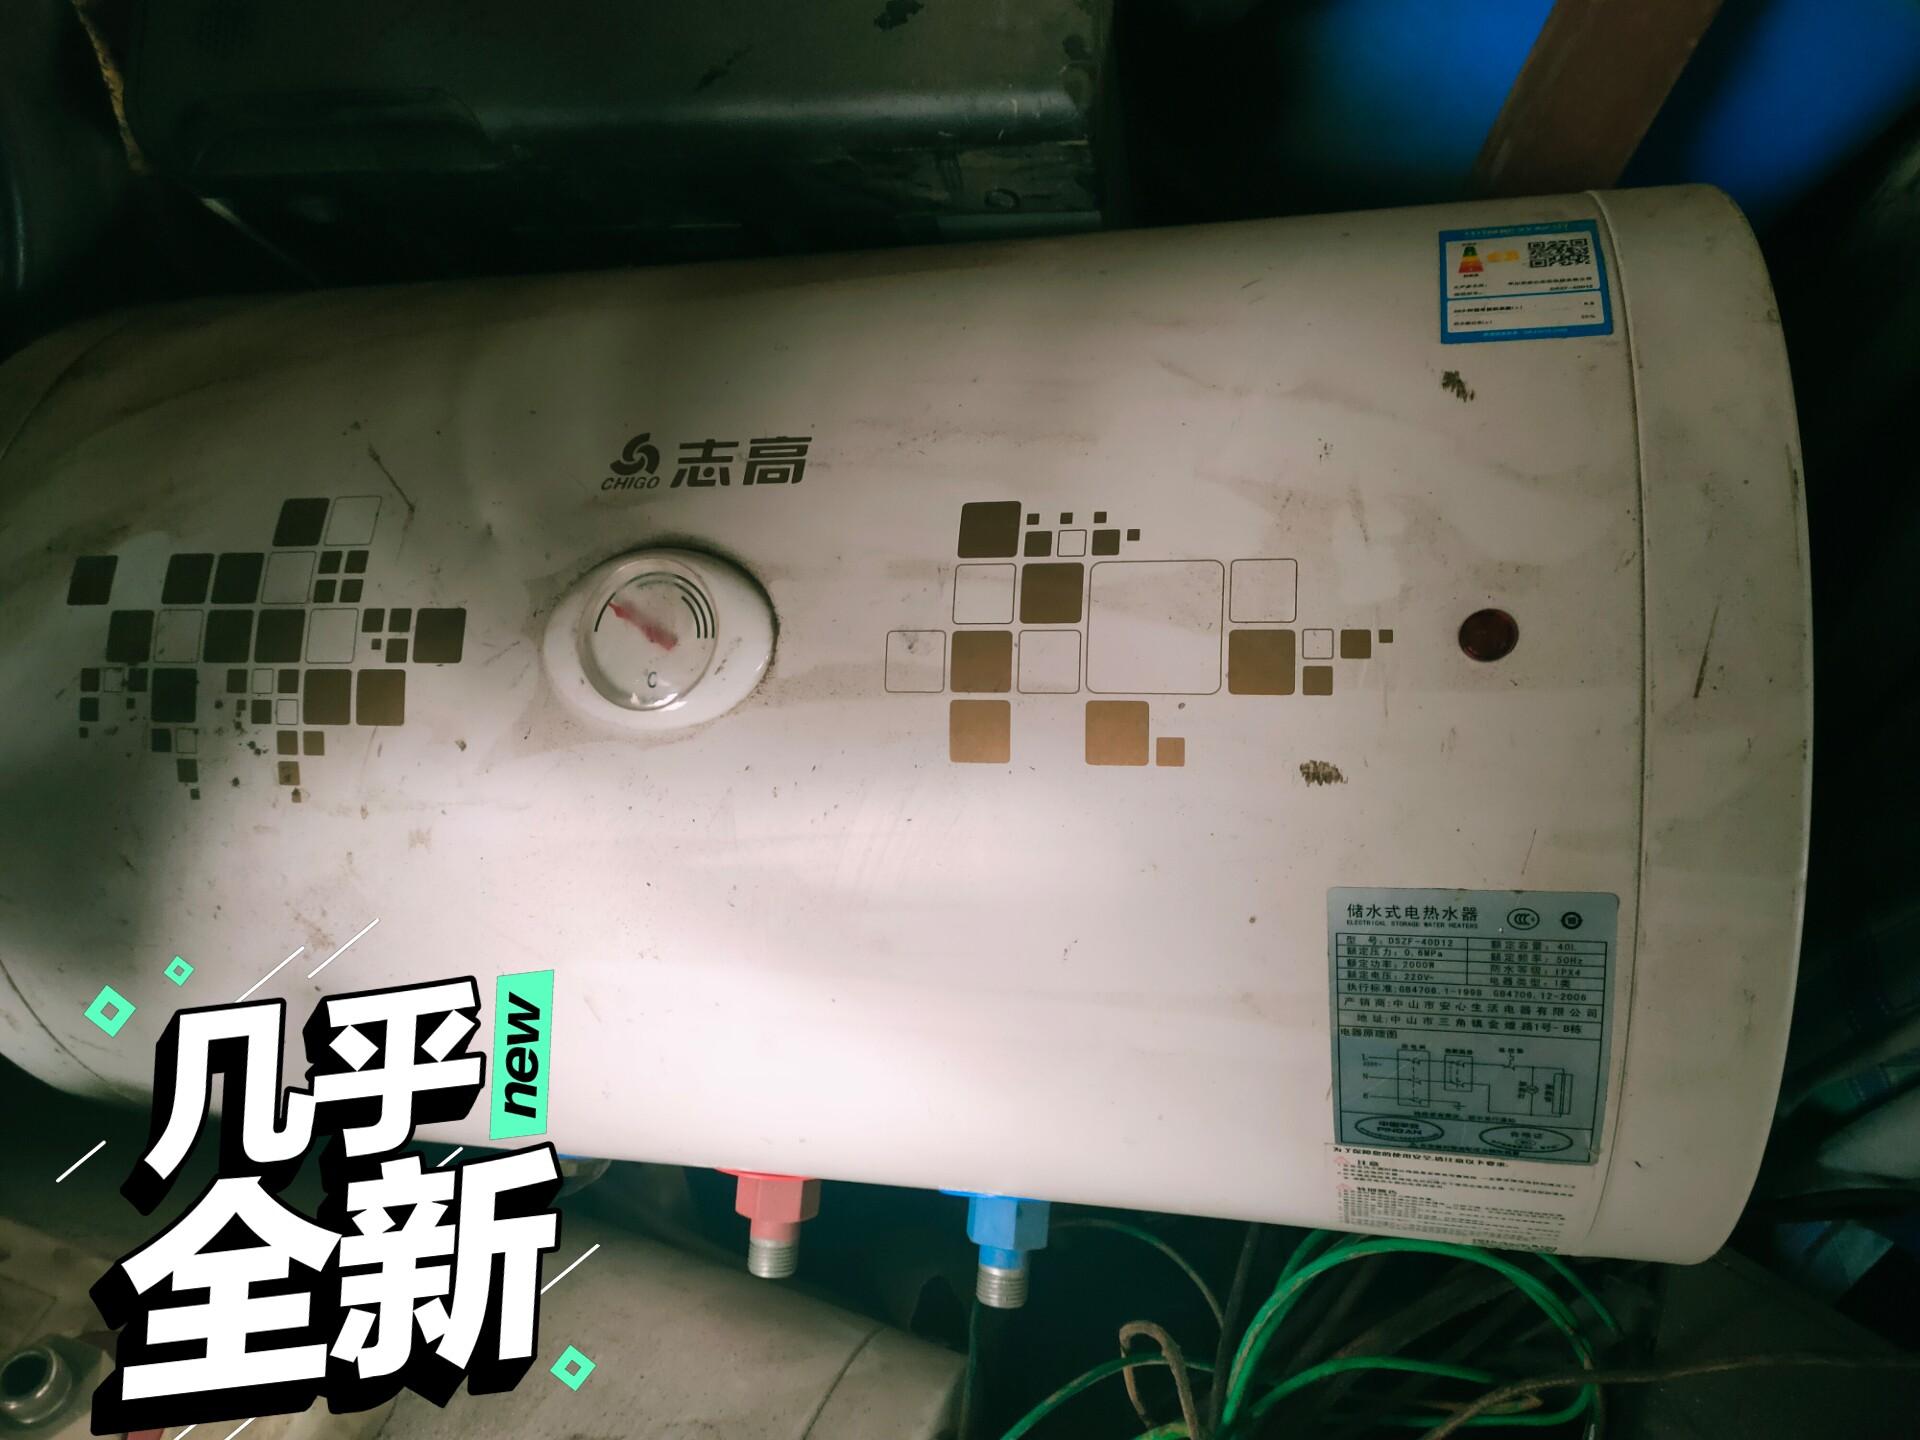 志高热水器  2000w   40L 压力0.6mpa  需